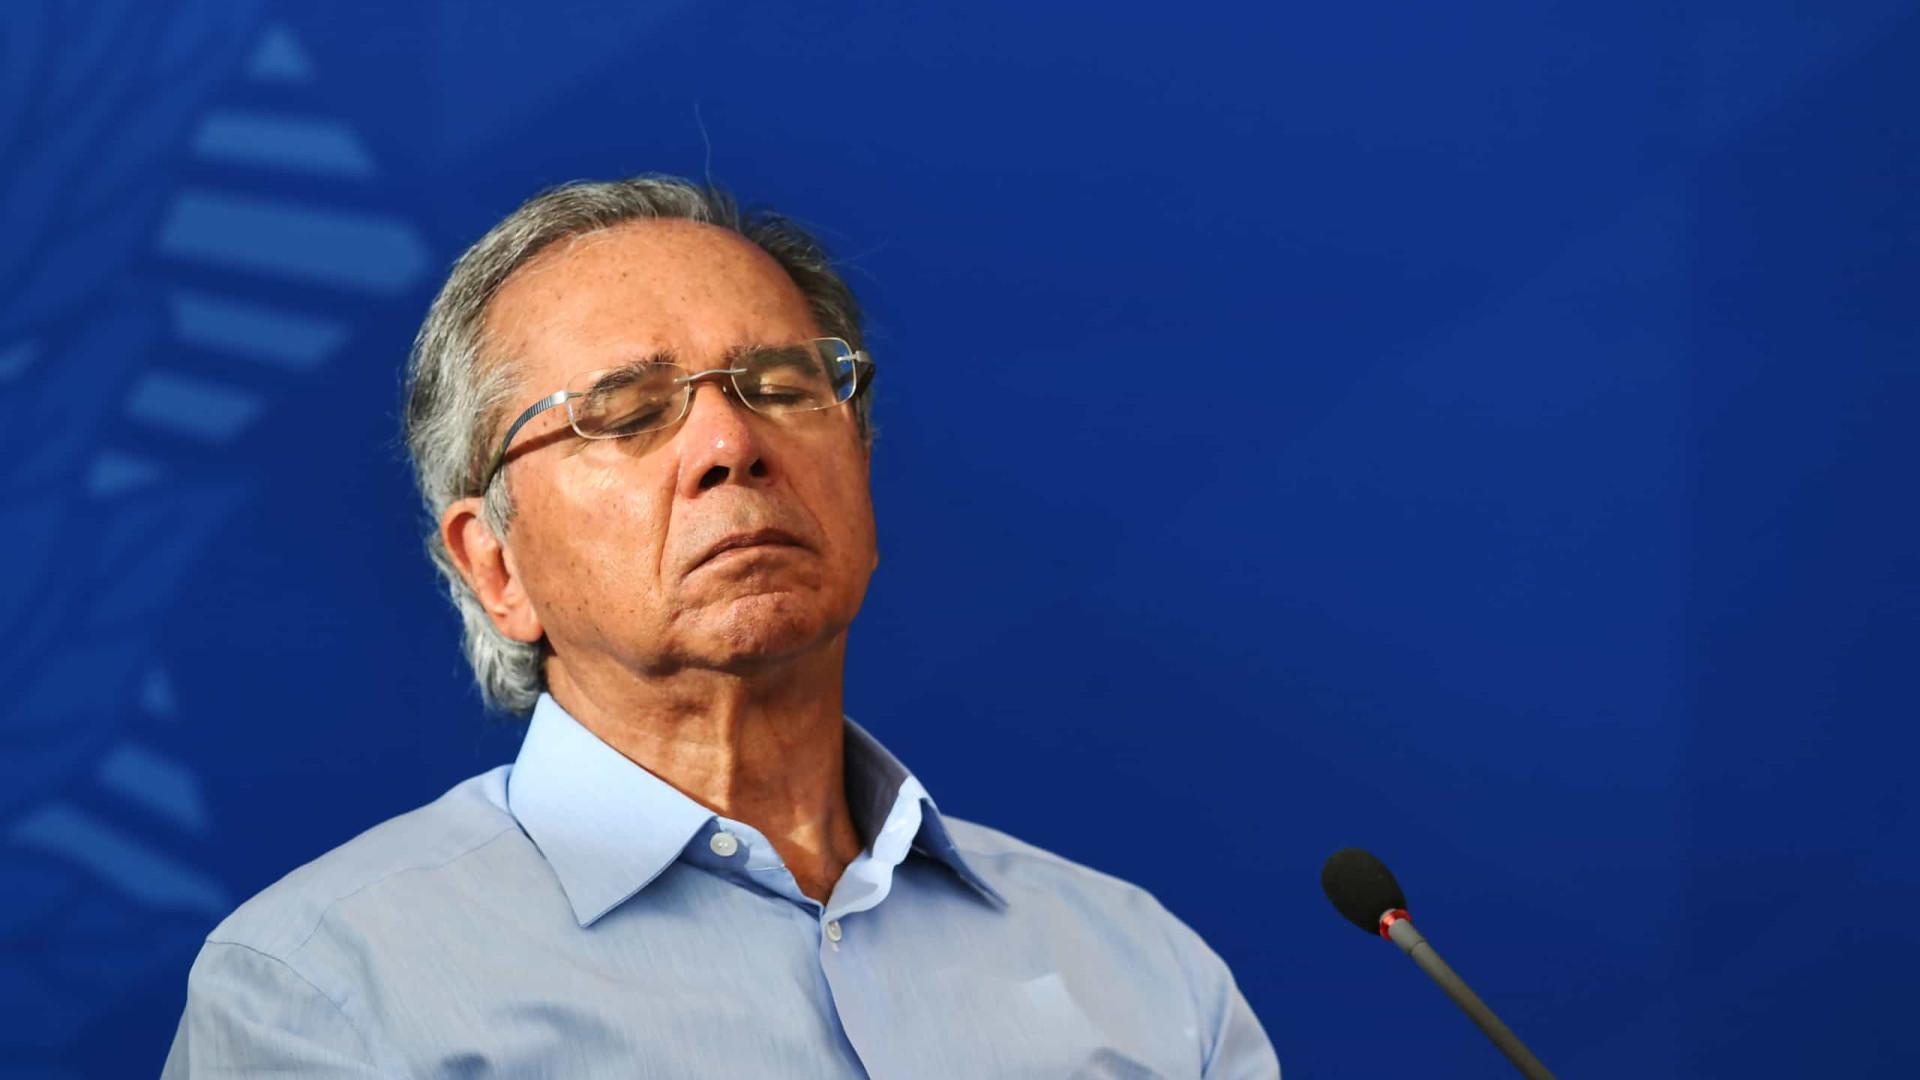 É cretino atacar o governo do seu país em vez de ajudar, diz Guedes